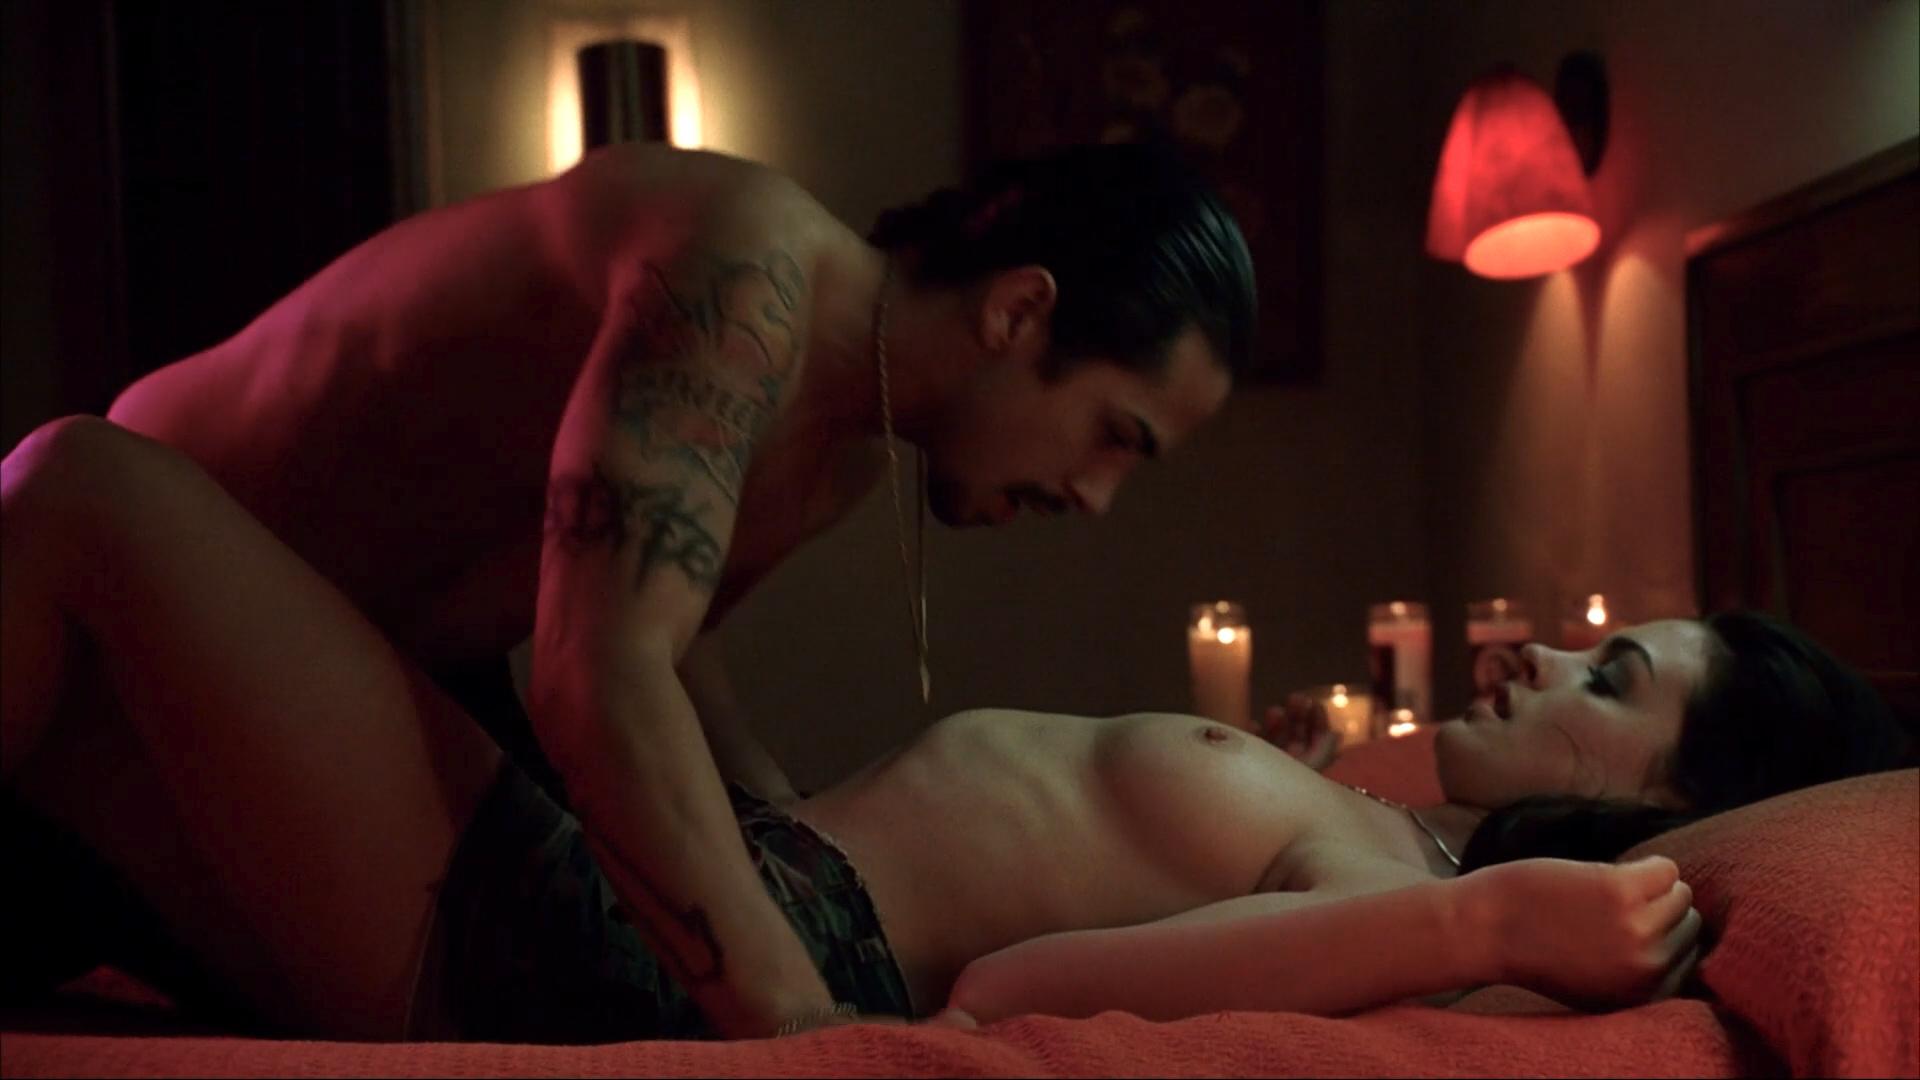 Bijou phillips nude sex scene in havoc movie 7